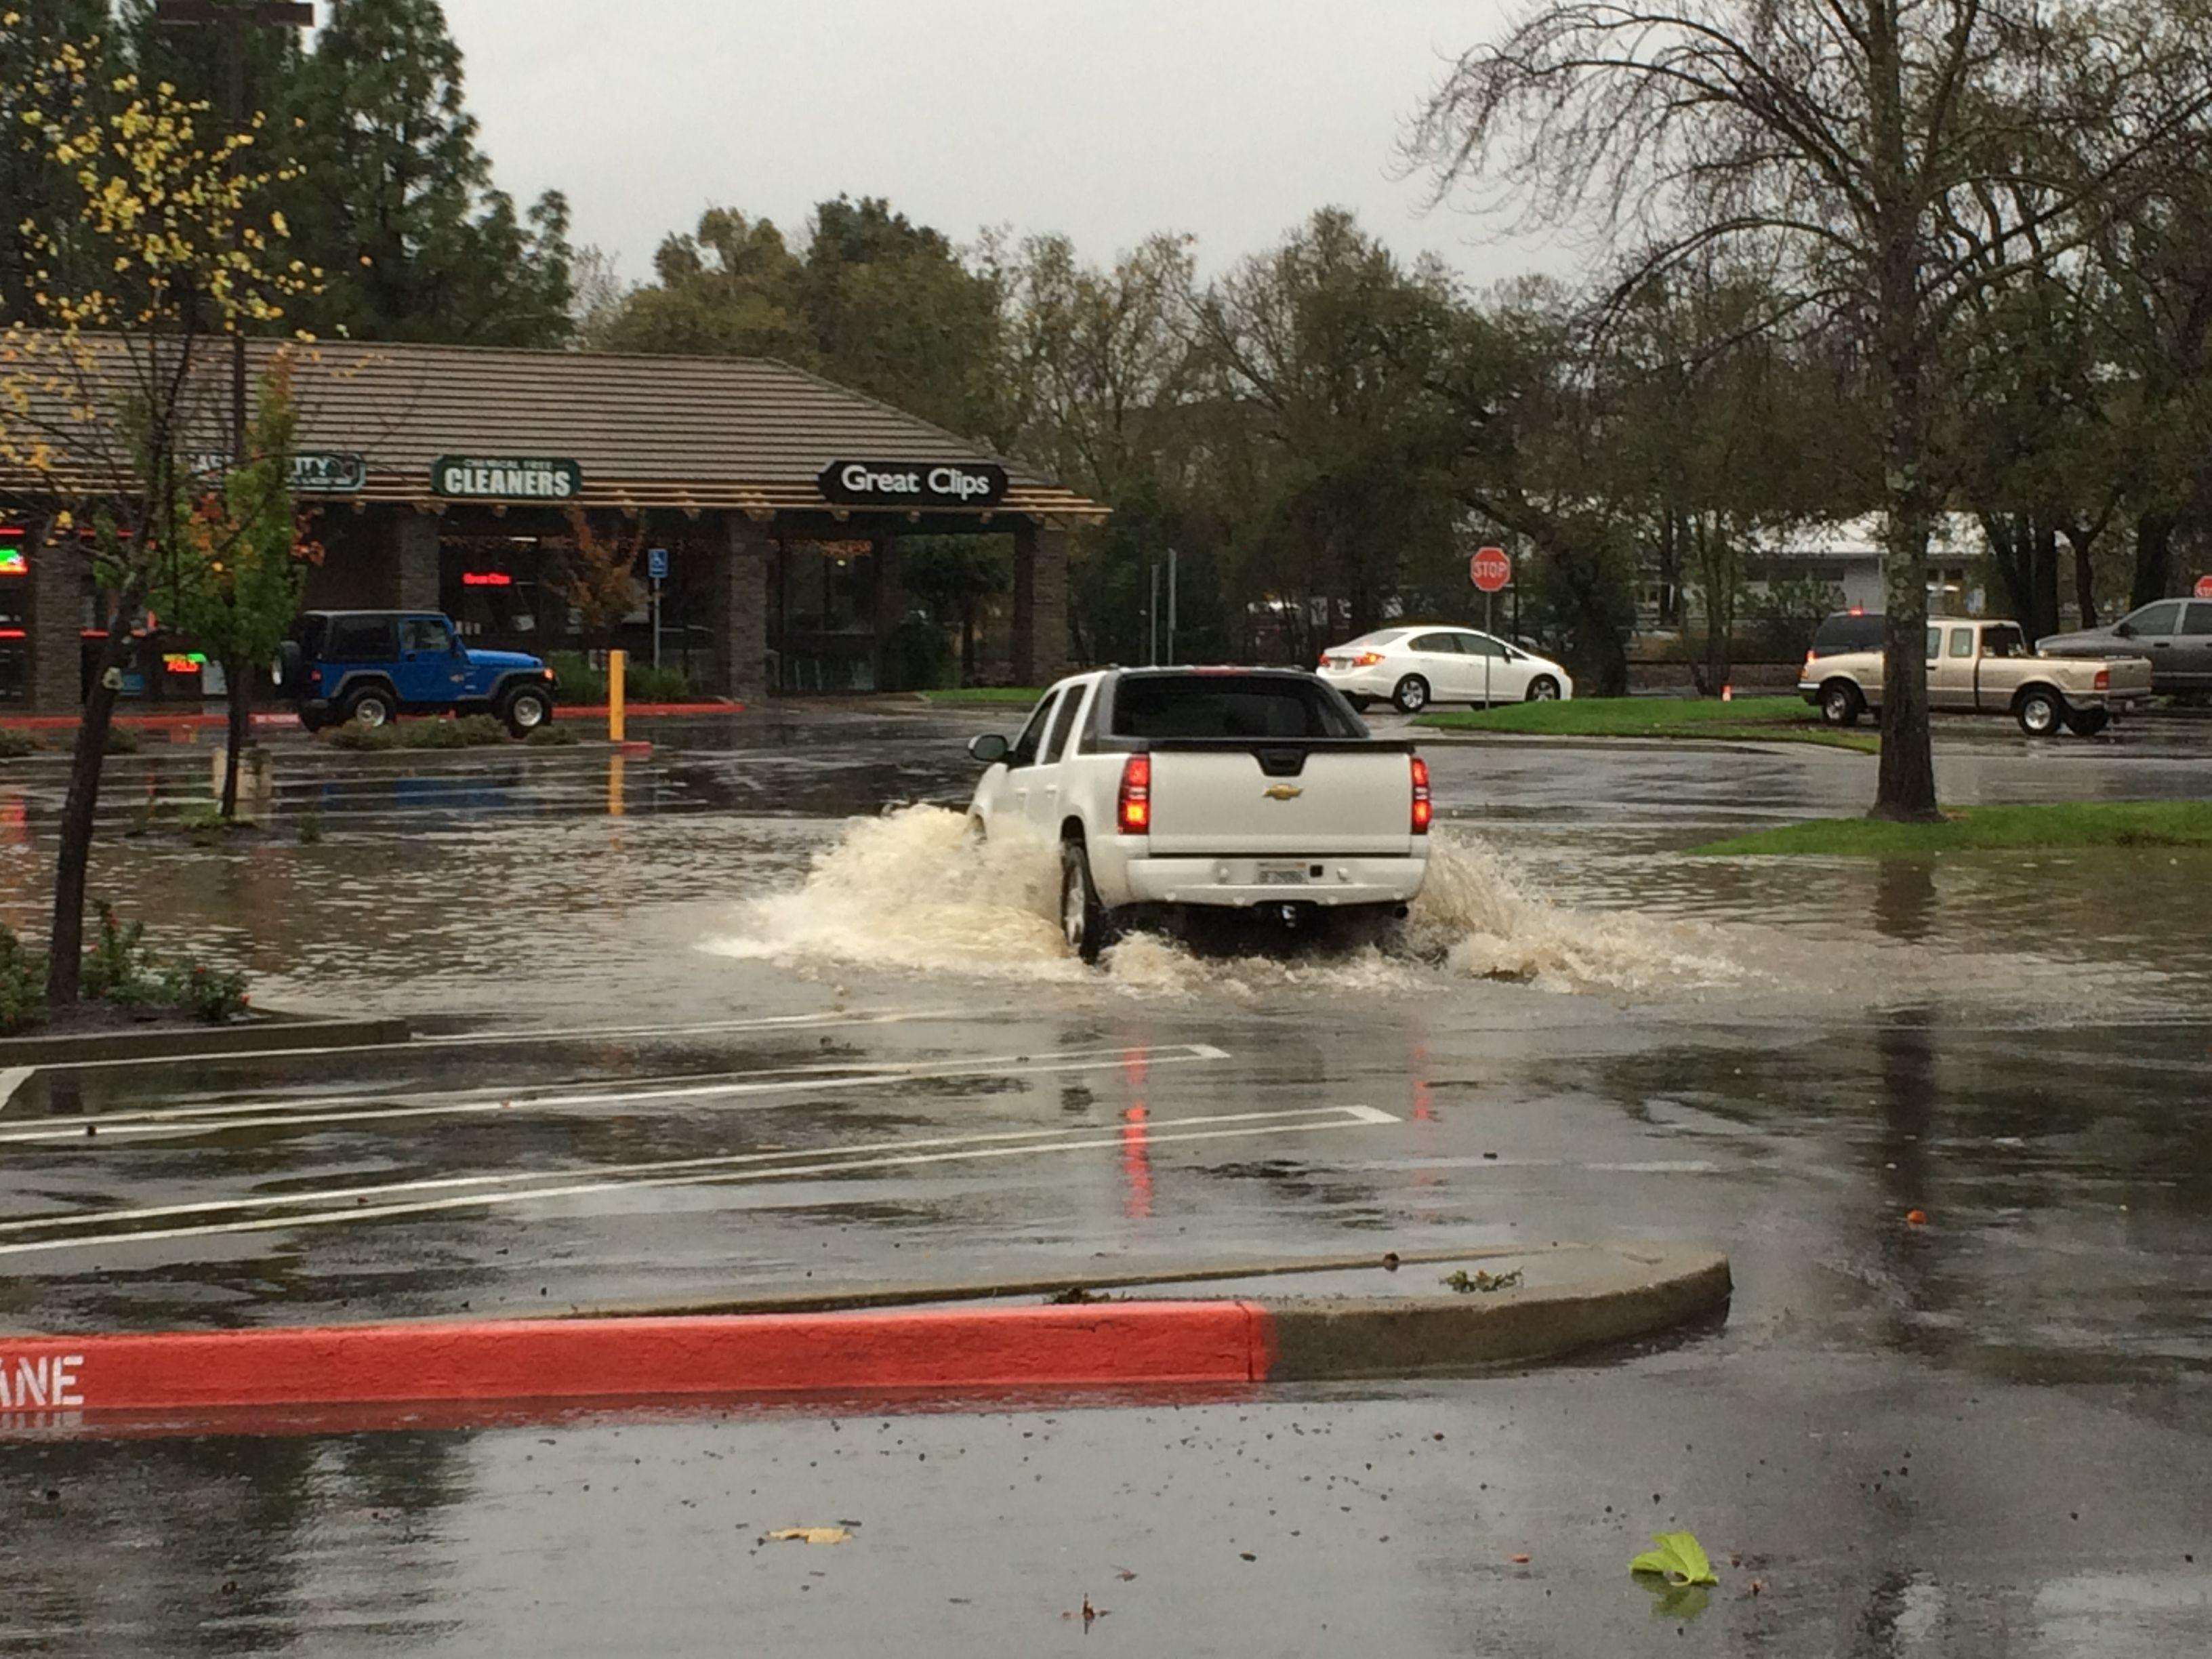 Truck runs through deep water in flooded parking lot